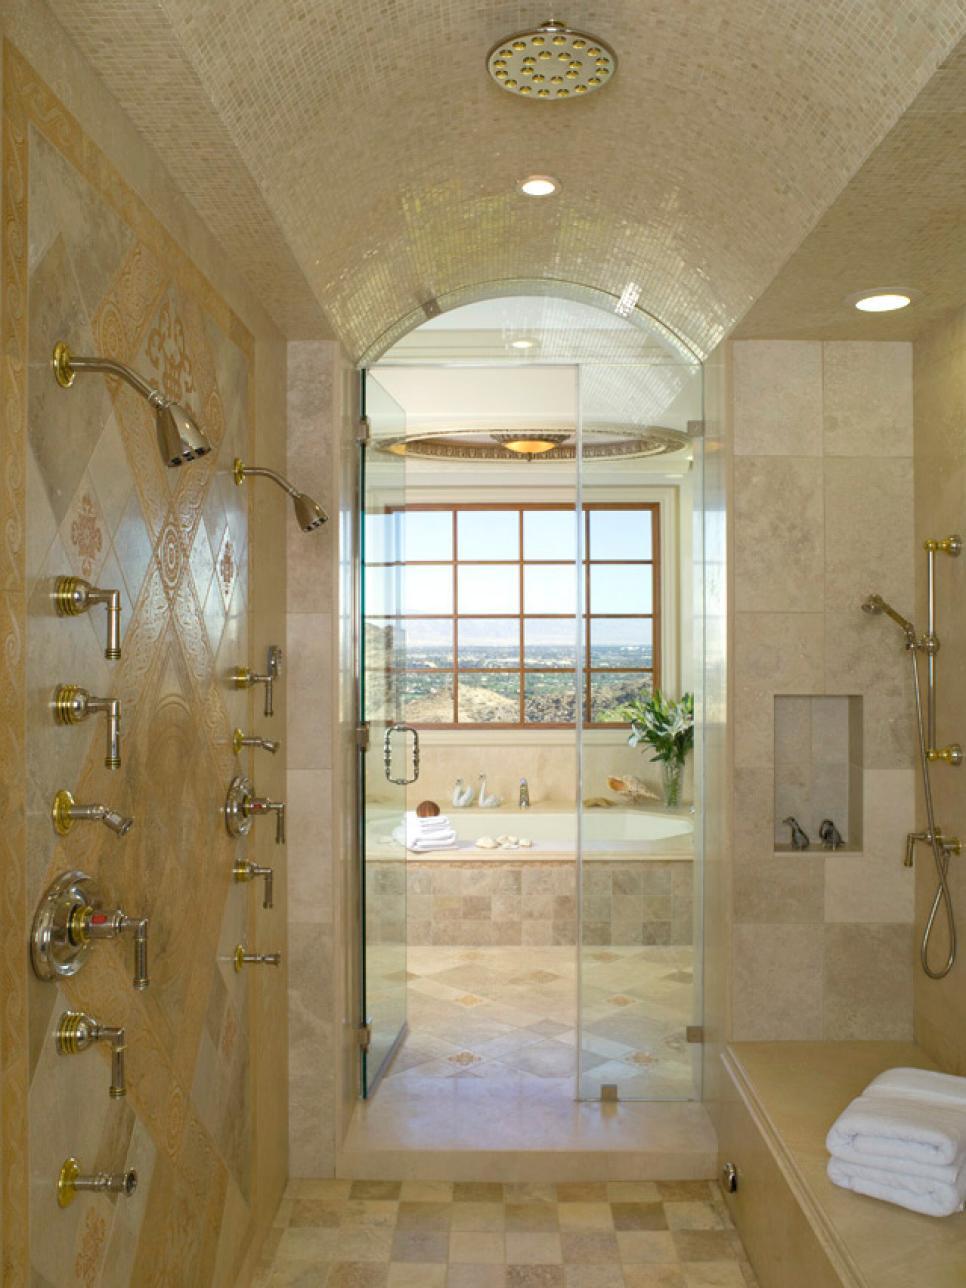 Bathroom Remodeling How to DIY DIY